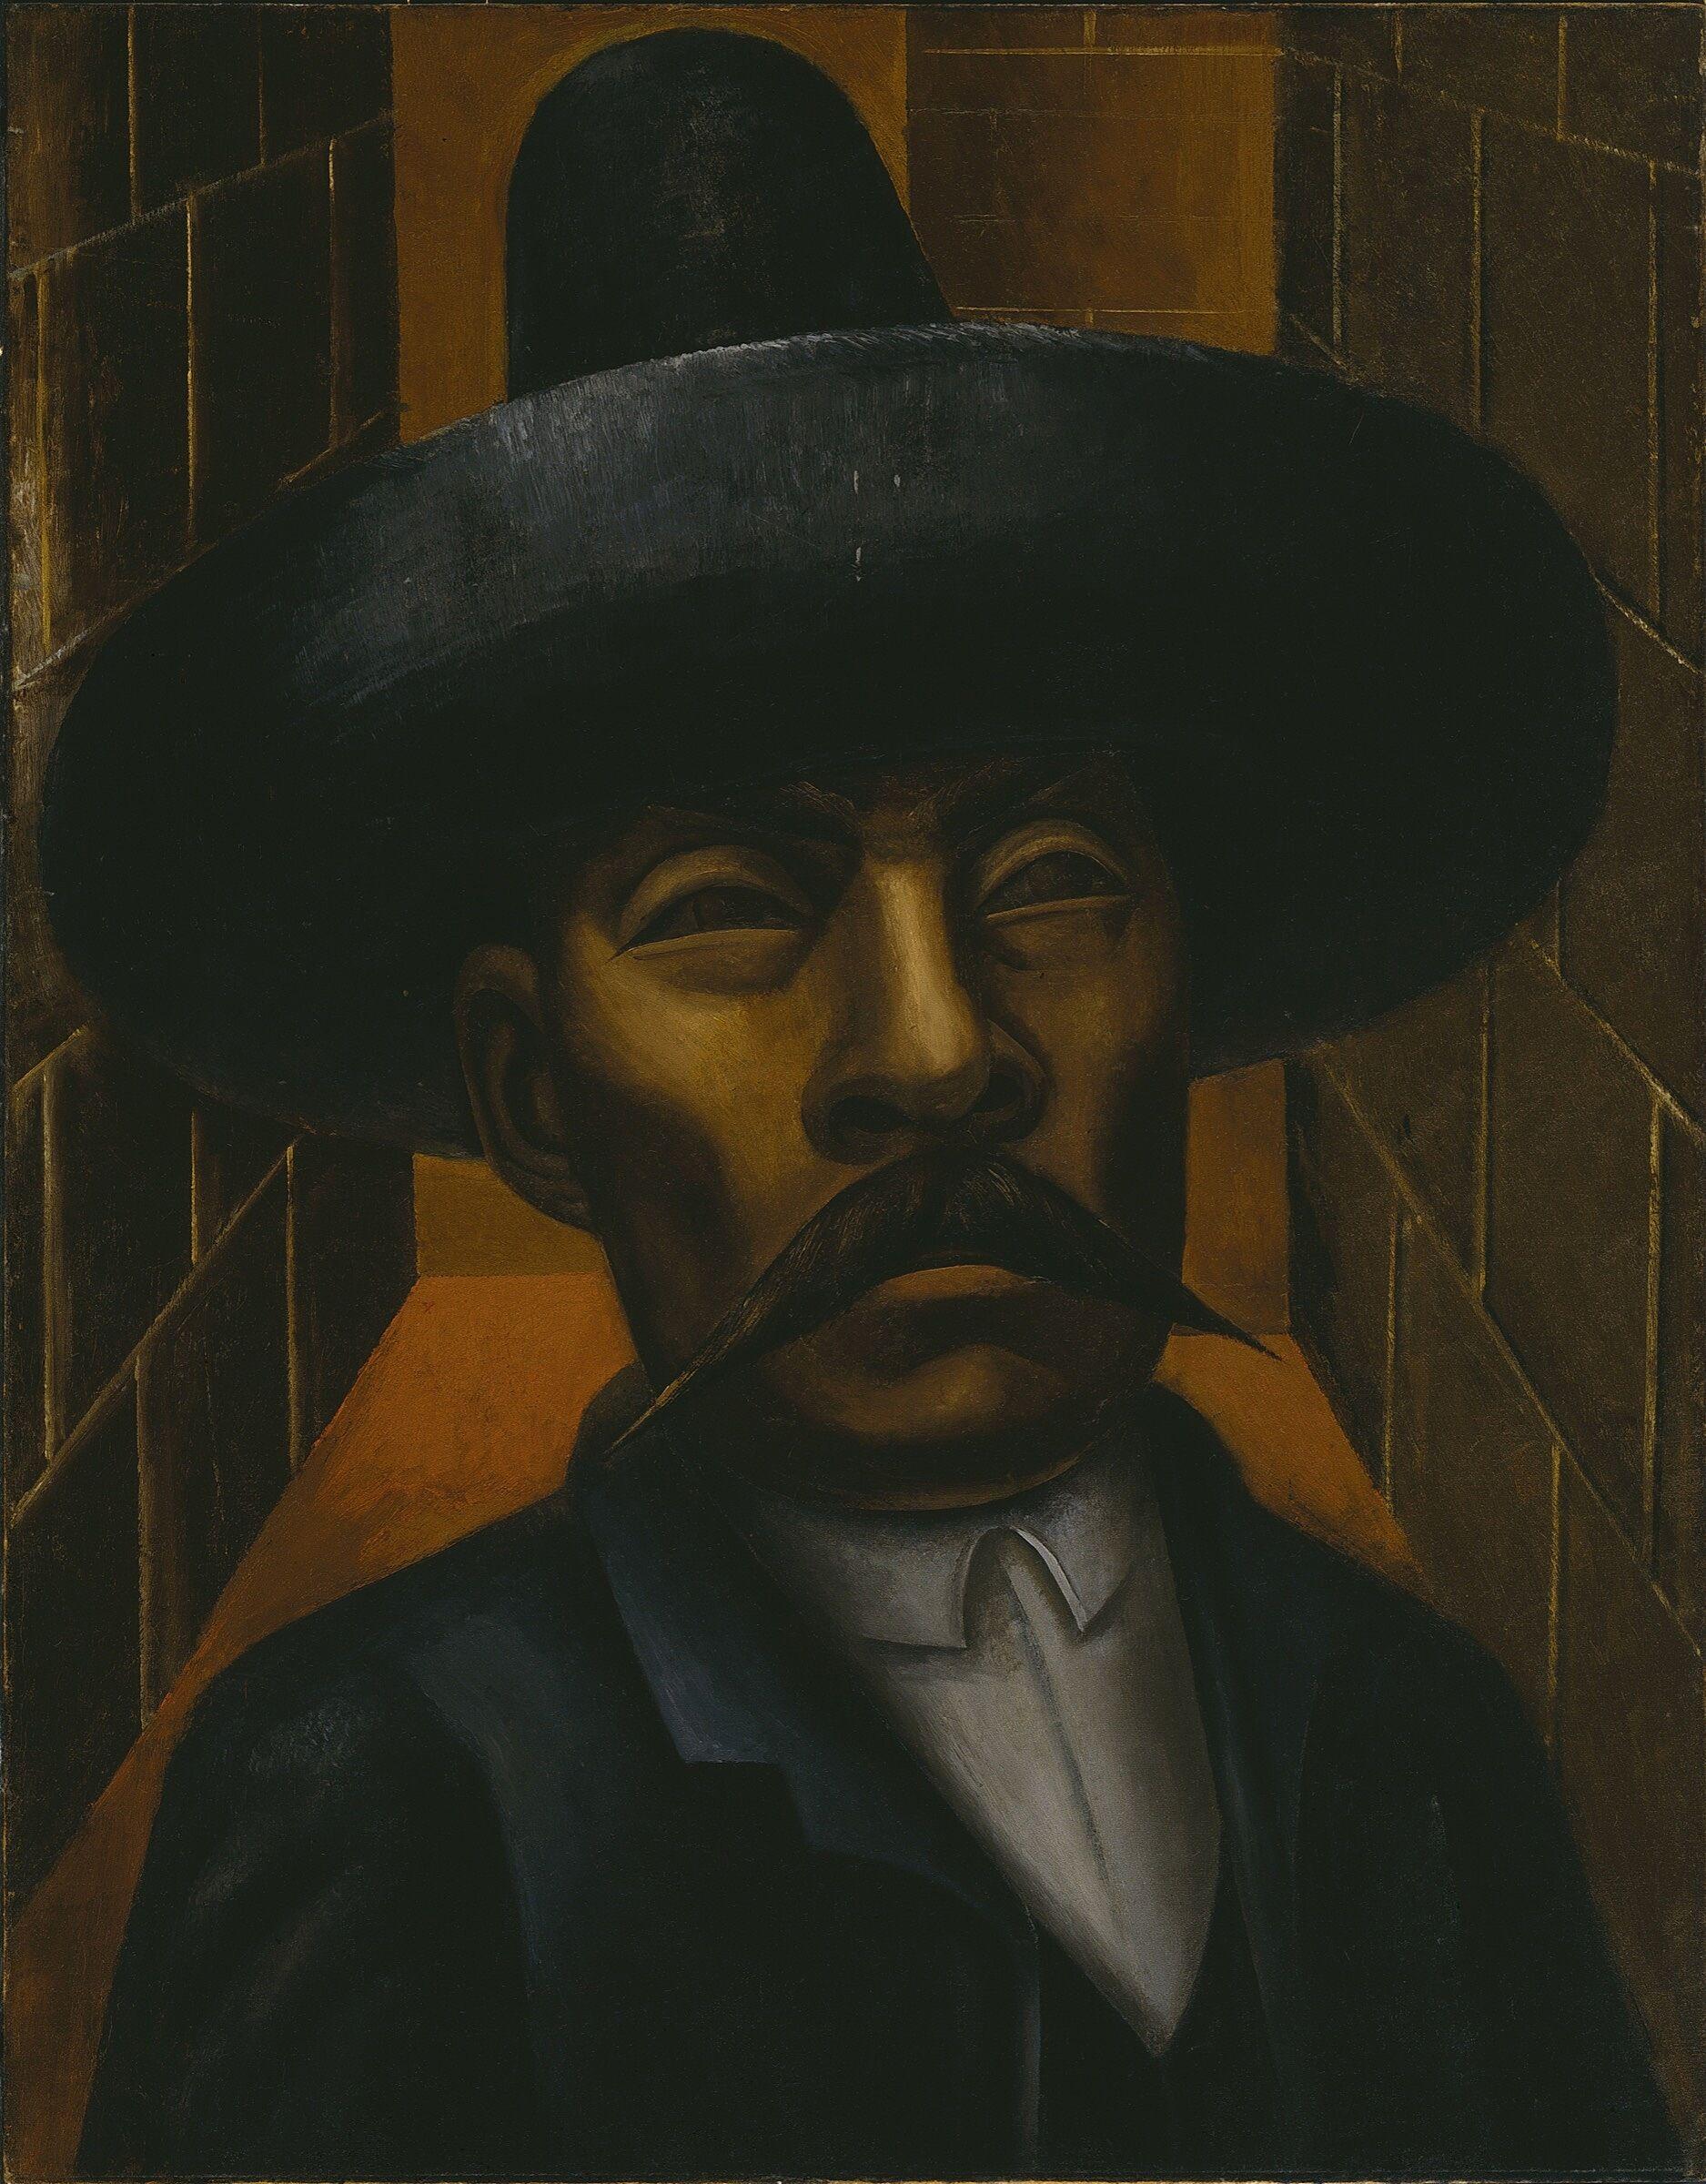 David Alfaro Siqueiros, Zapata, 1931